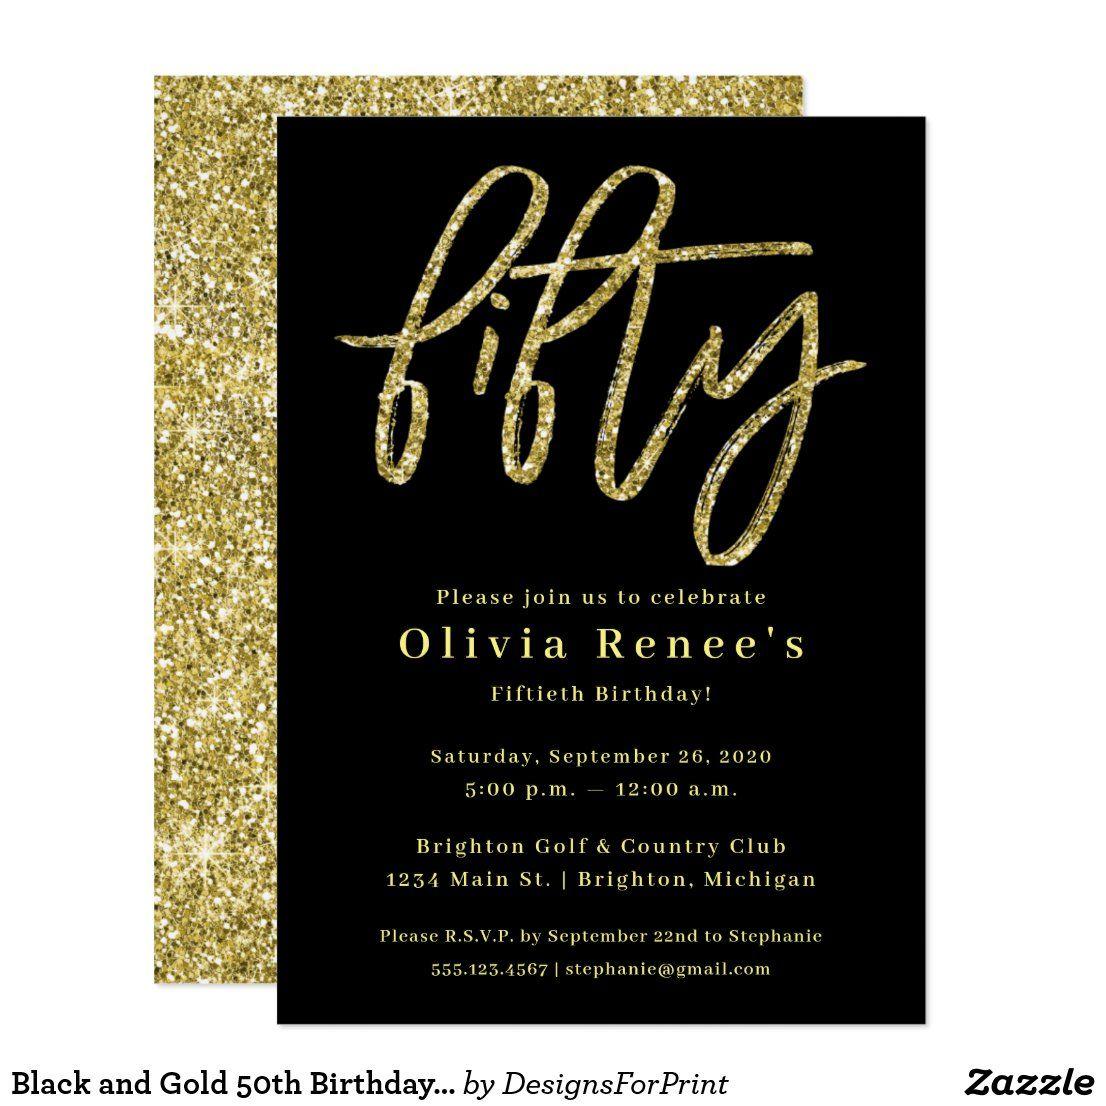 Black and Gold 50th Birthday Invitation Template Zazzle